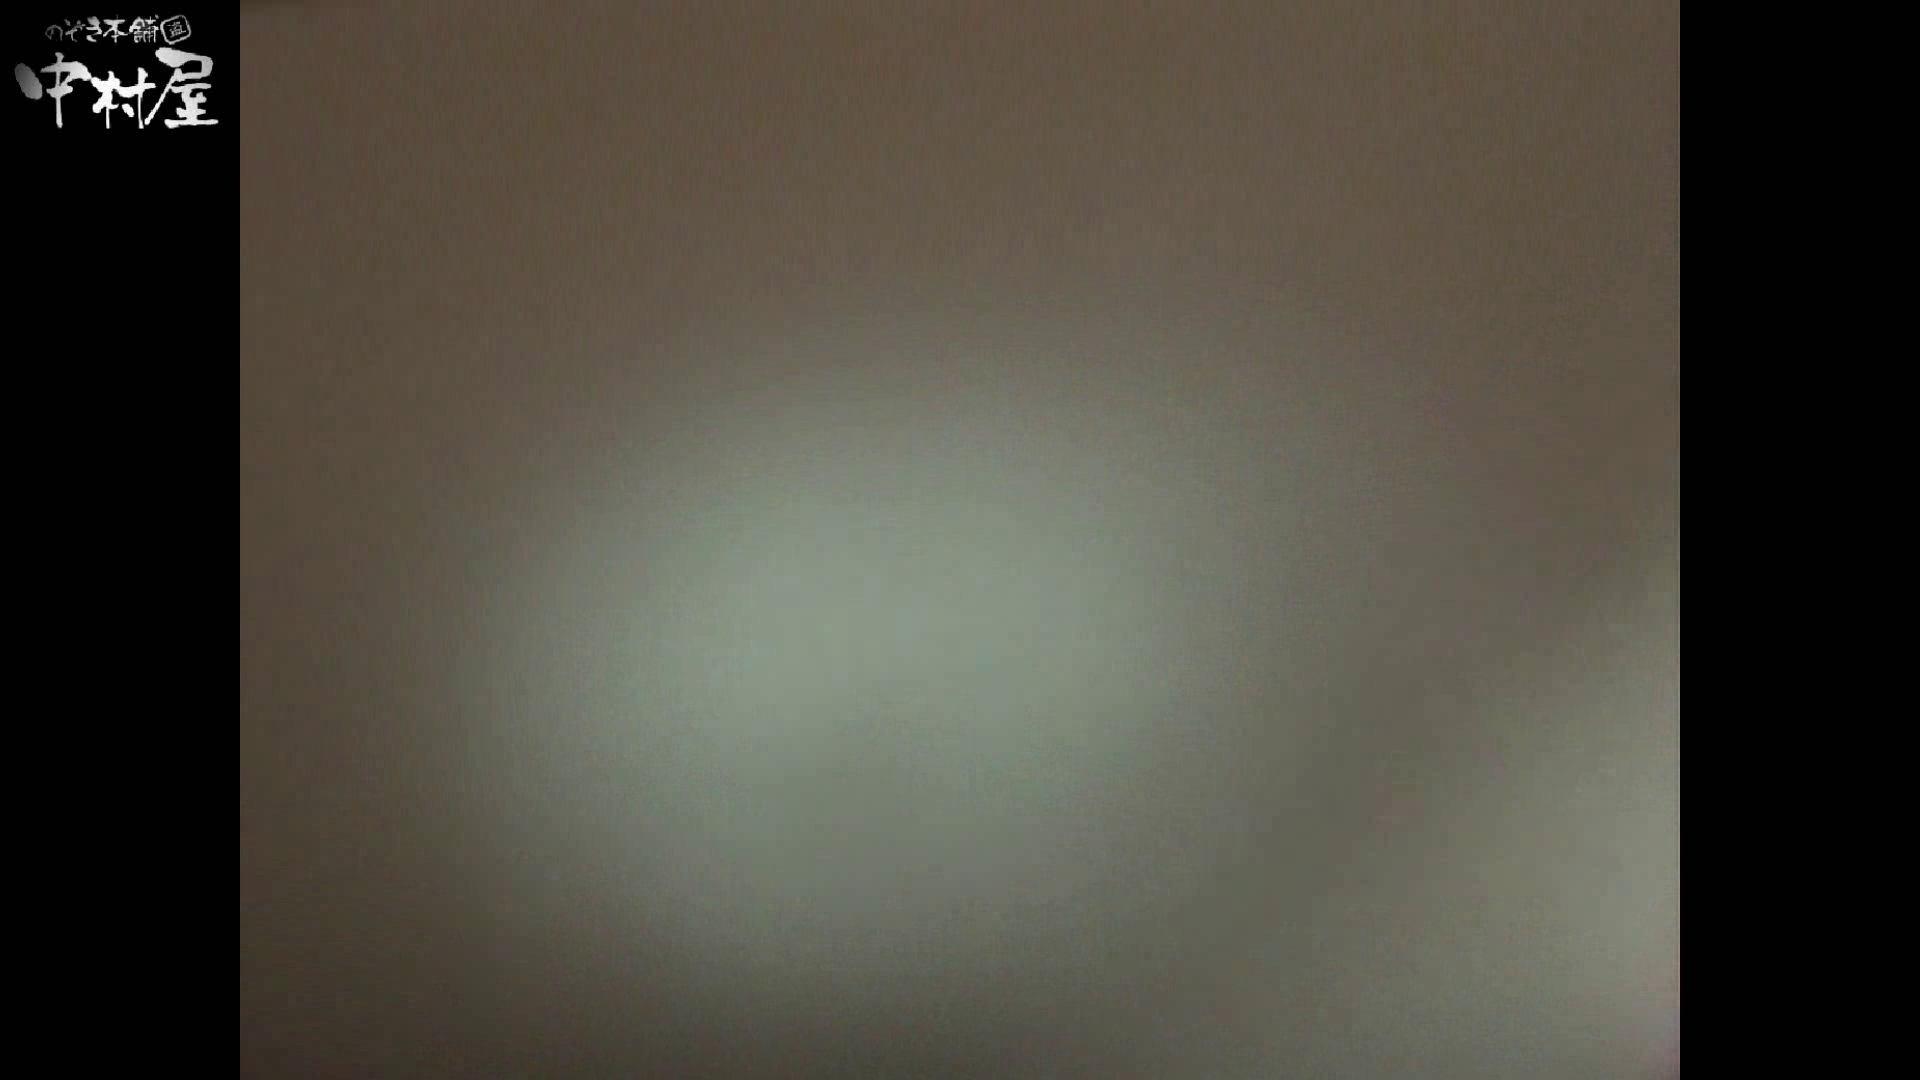 インターネットカフェの中で起こっている出来事 vol.017 卑猥すぎ | カップル映像 のぞき 105PIX 55